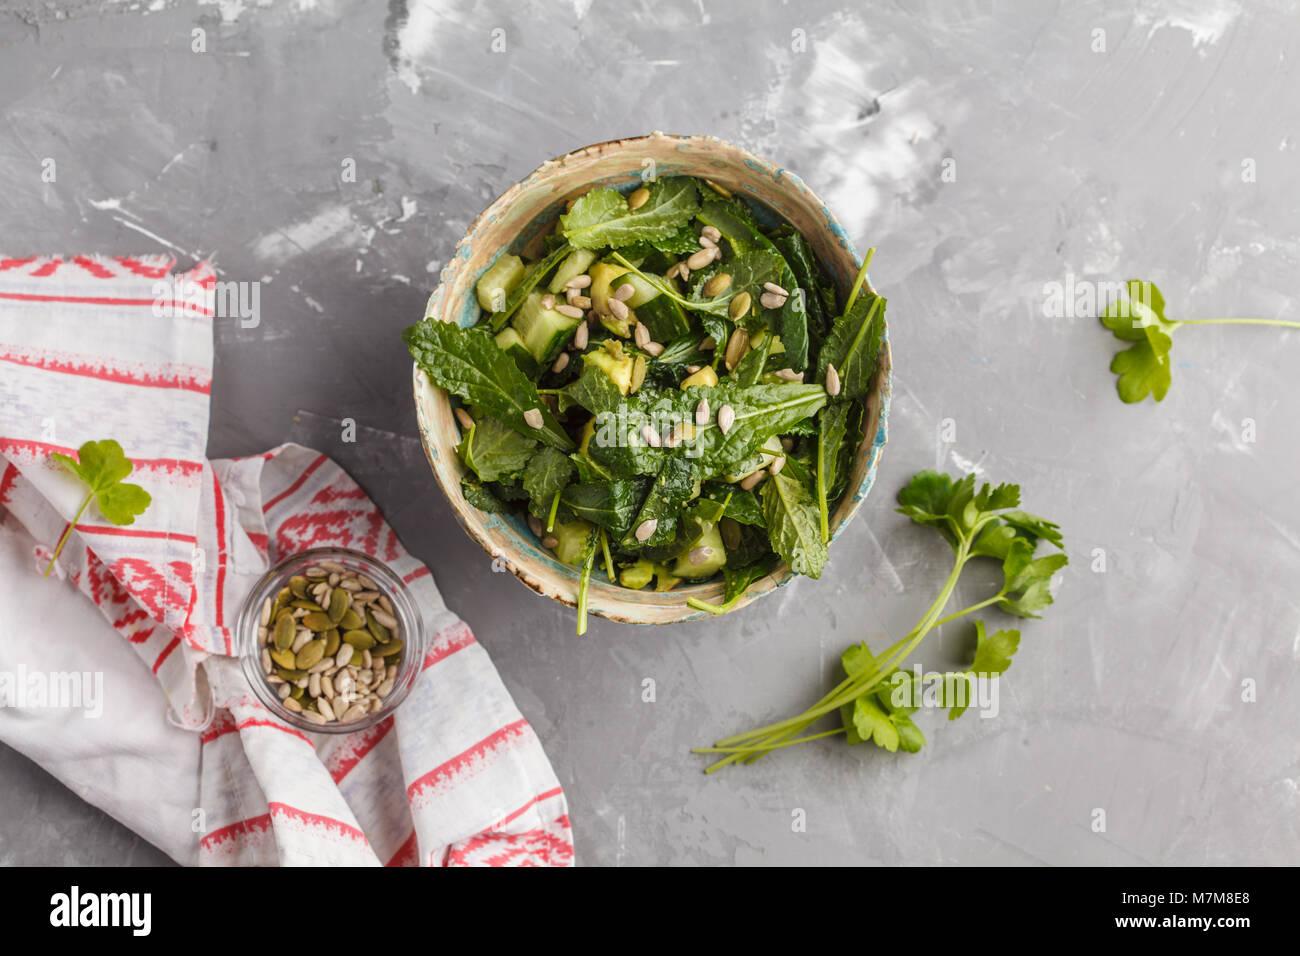 Green vegan kale, cetriolo, semi di girasole insalata. Una sana alimentazione vegetariana concetto. Immagini Stock